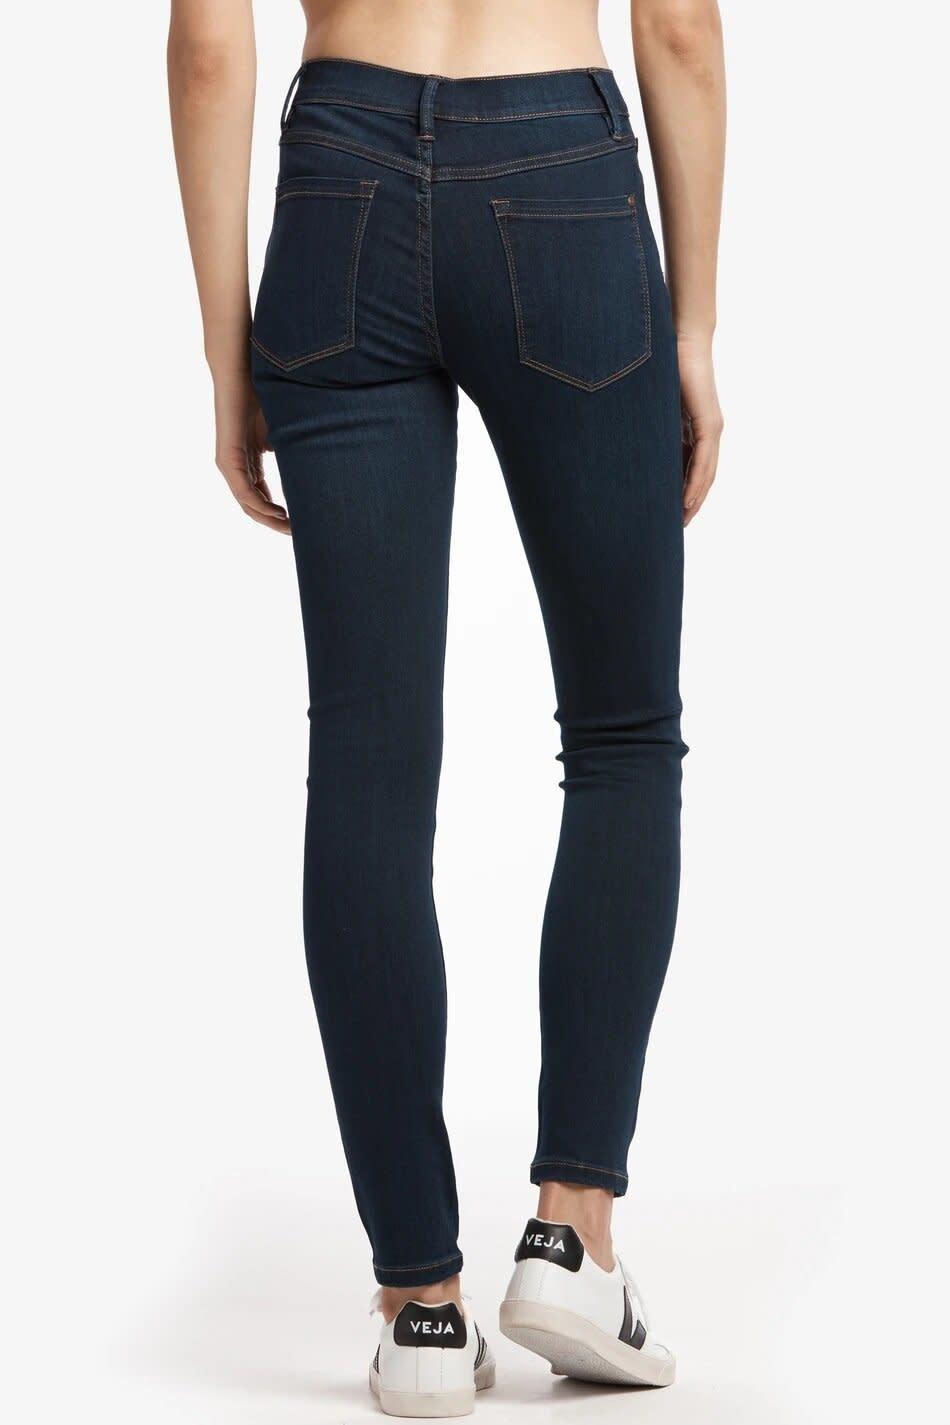 Lole Skinny Long Jean